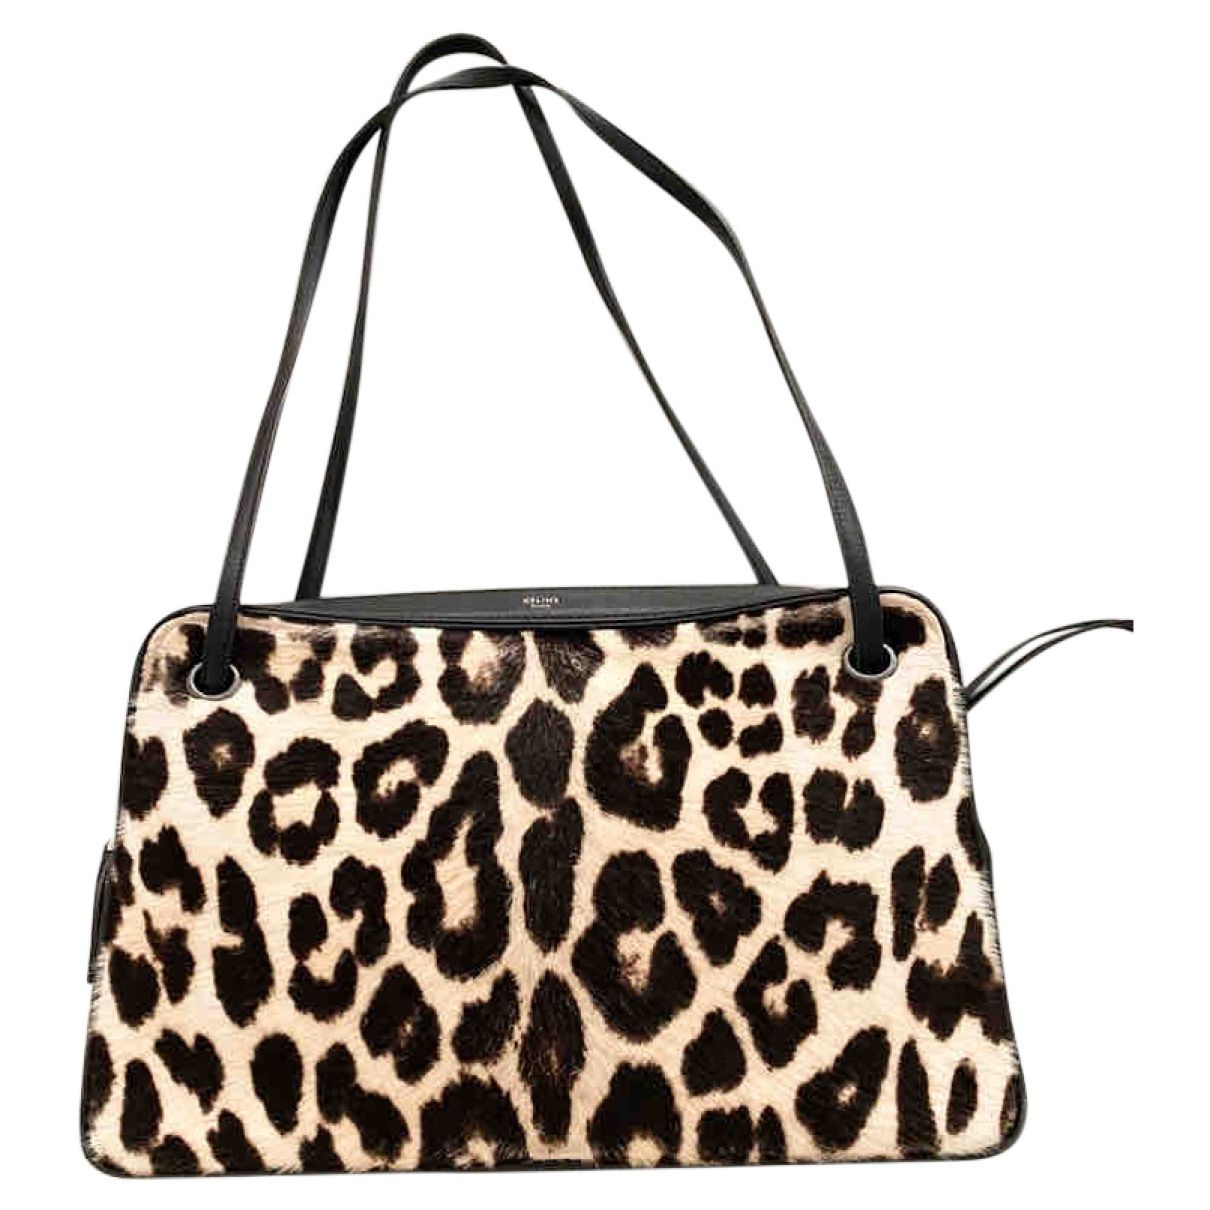 Celine \N Pony-style calfskin handbag for Women \N